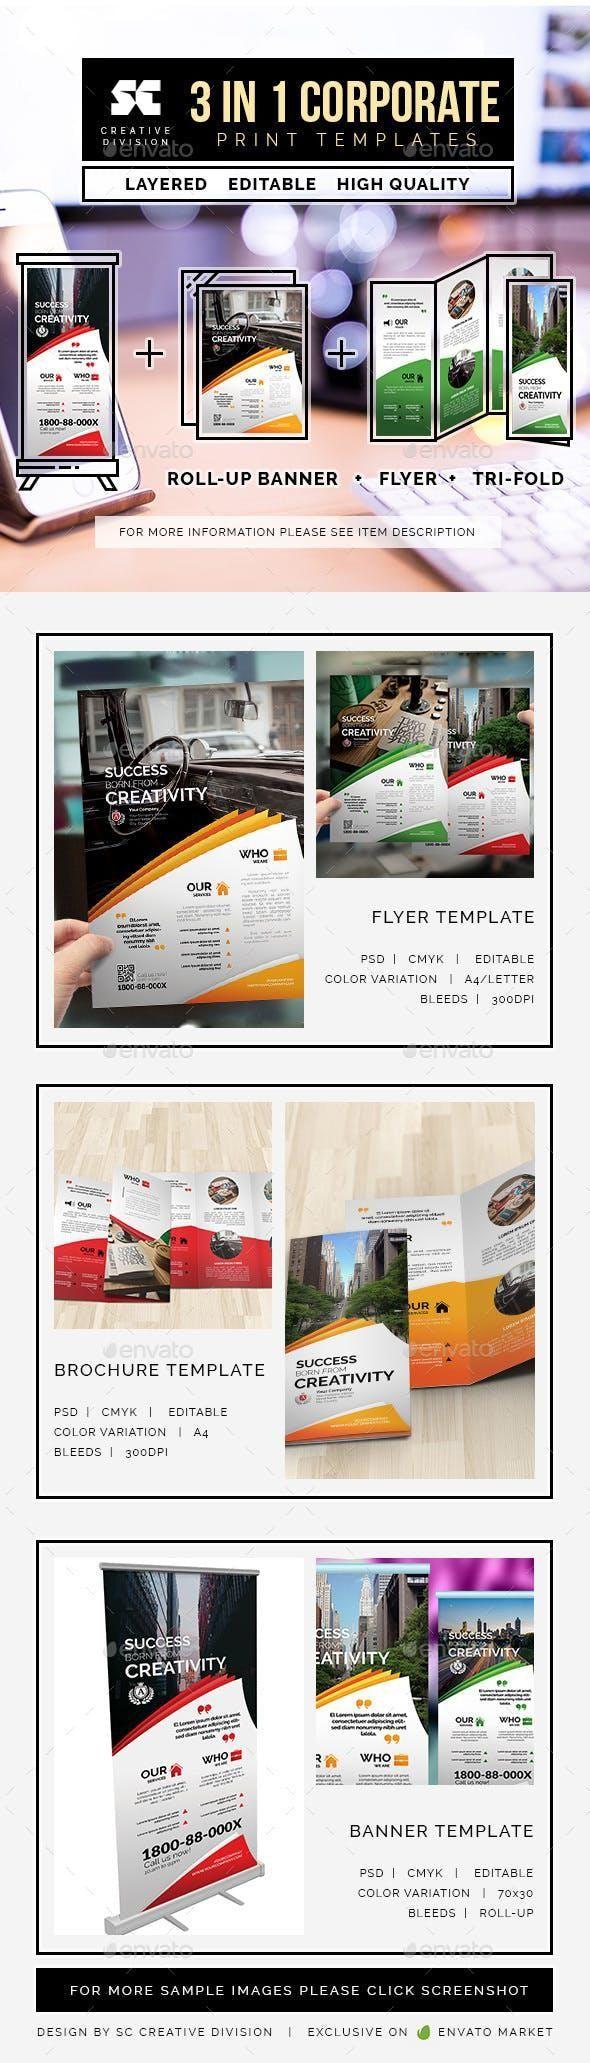 Corporate Bundle 3 In 1 #SignageDesign #GraphicResources #GraphicDesigner #Signa...